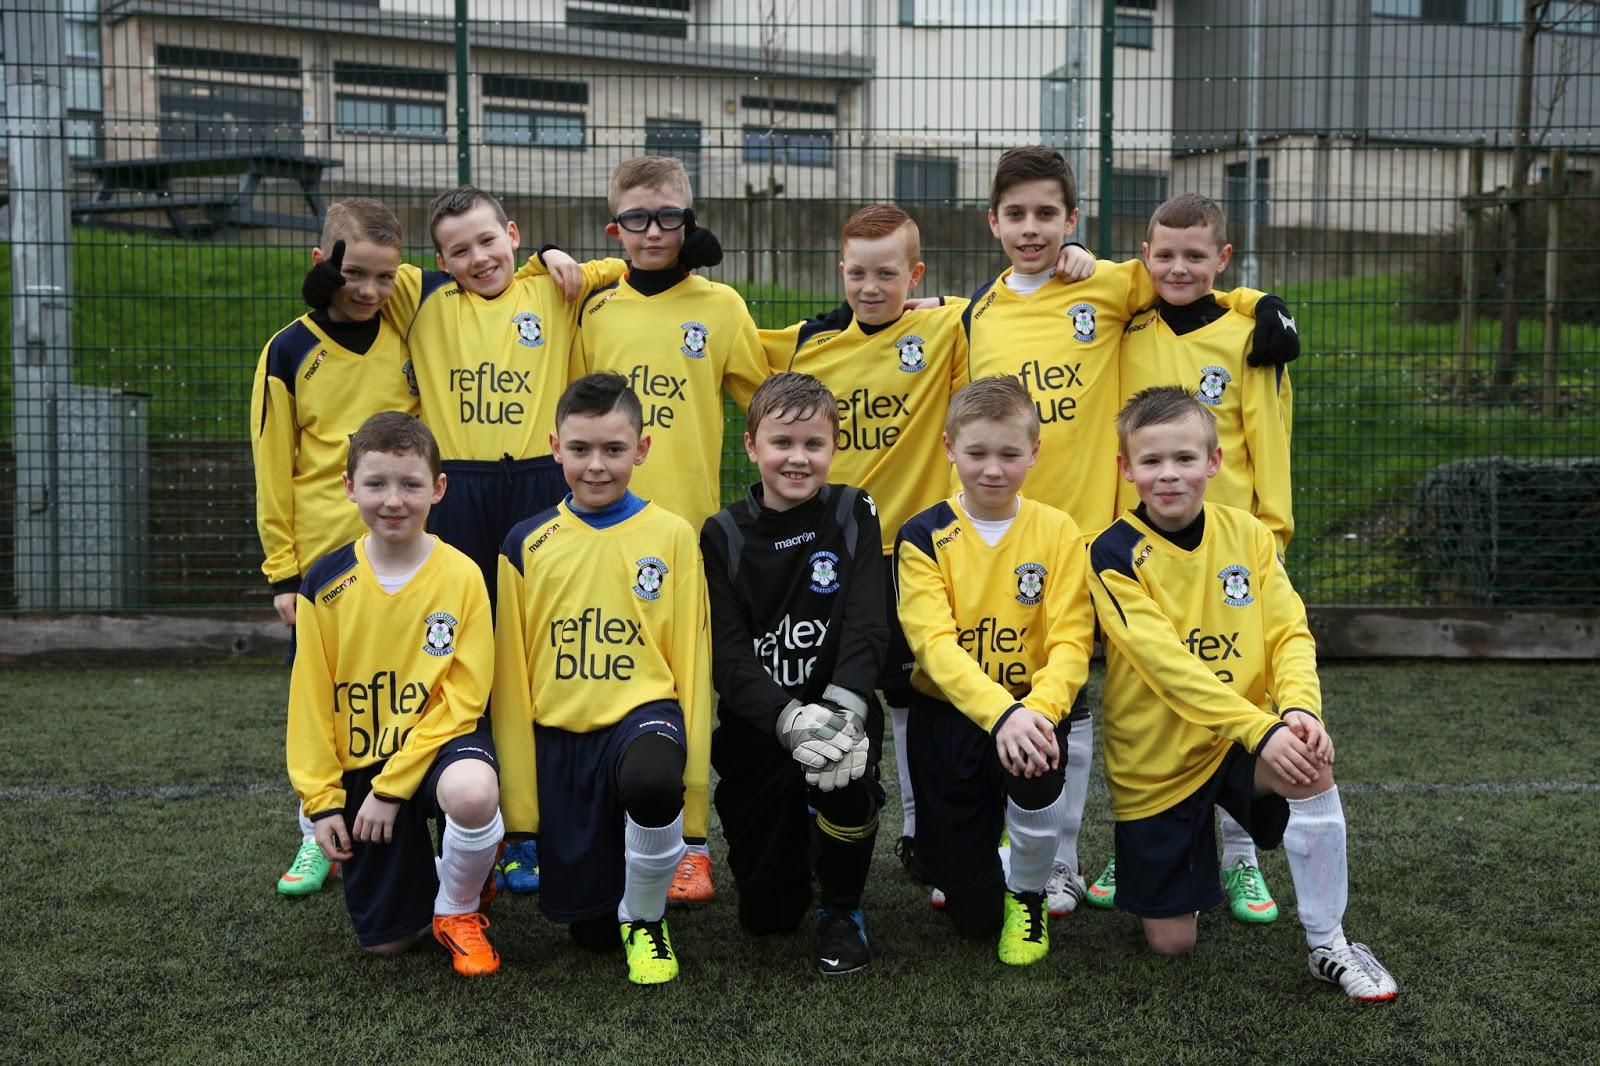 Hogganfield football club